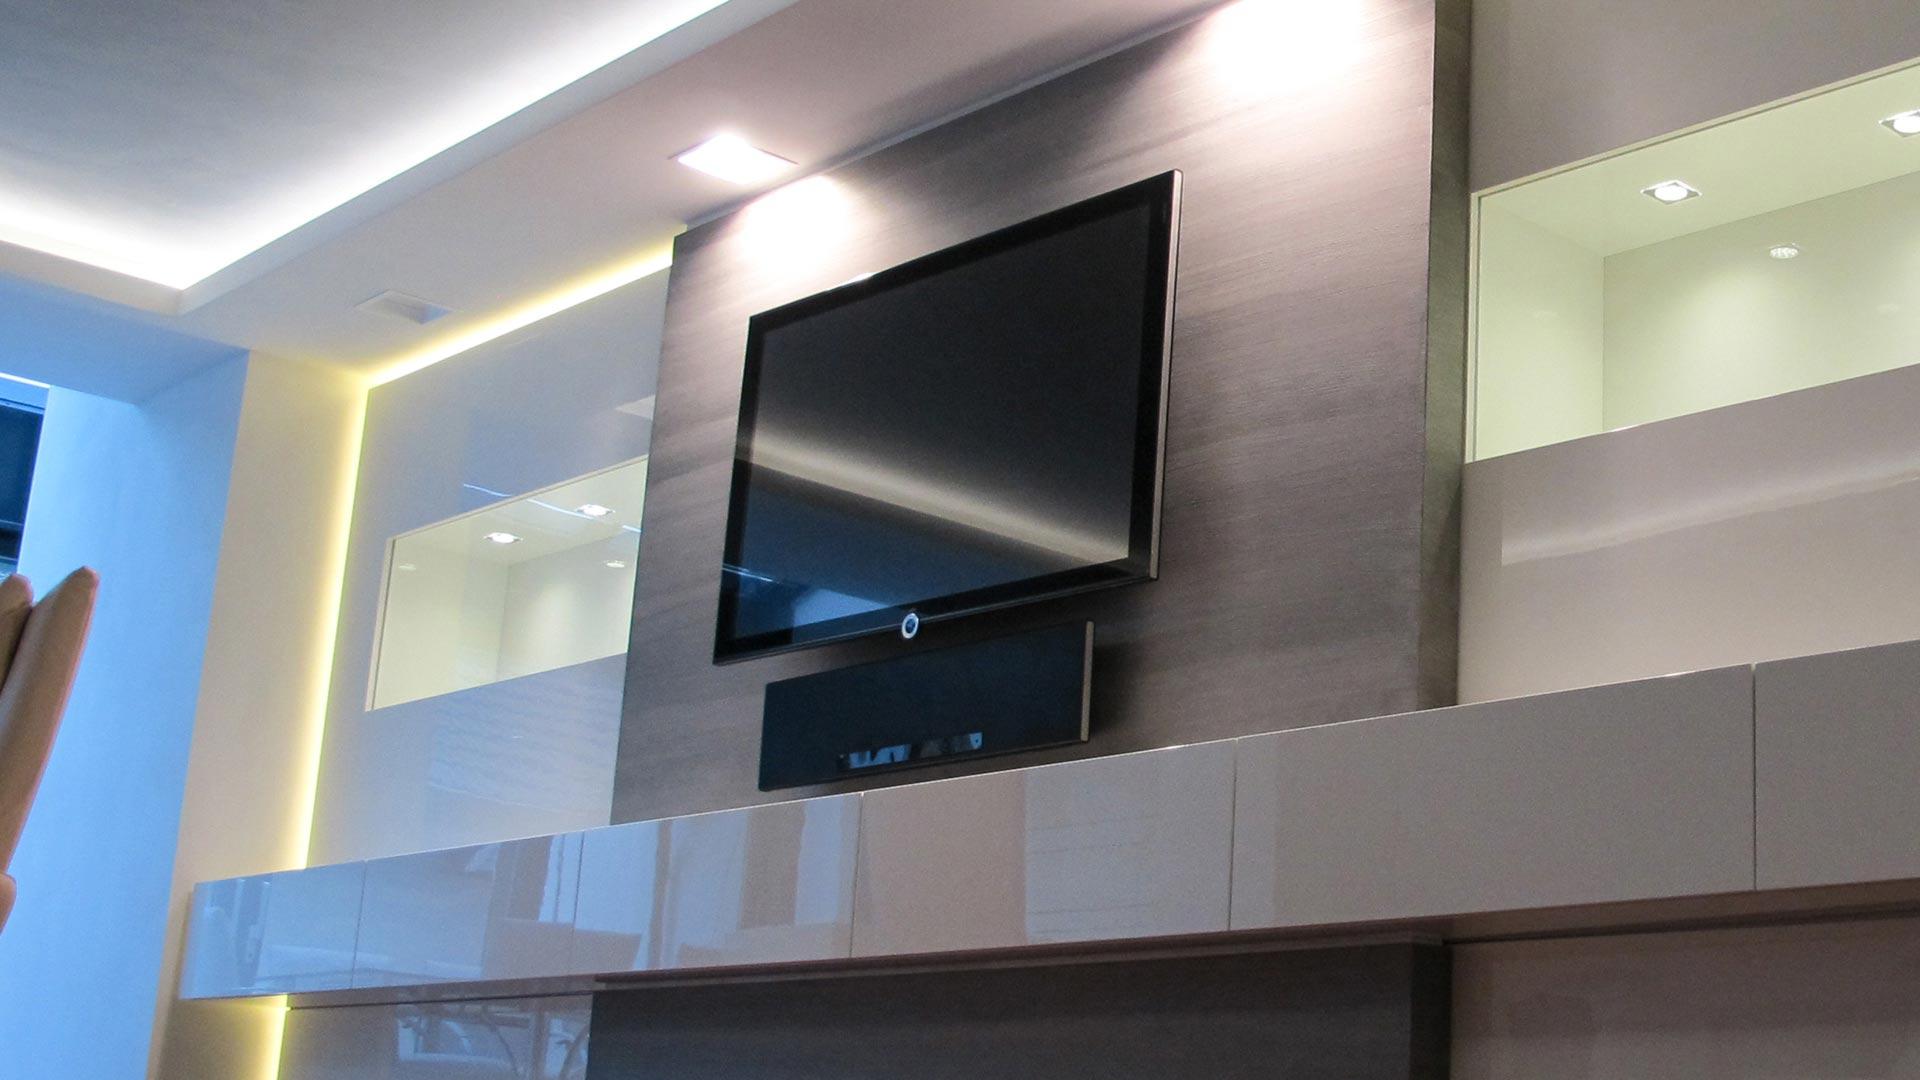 Ideal für Präsentationszwecke oder großes Entertainment: Das geräumige, geschmackvoll beleuchtete Einbaumöbel mit eingebautem Screen